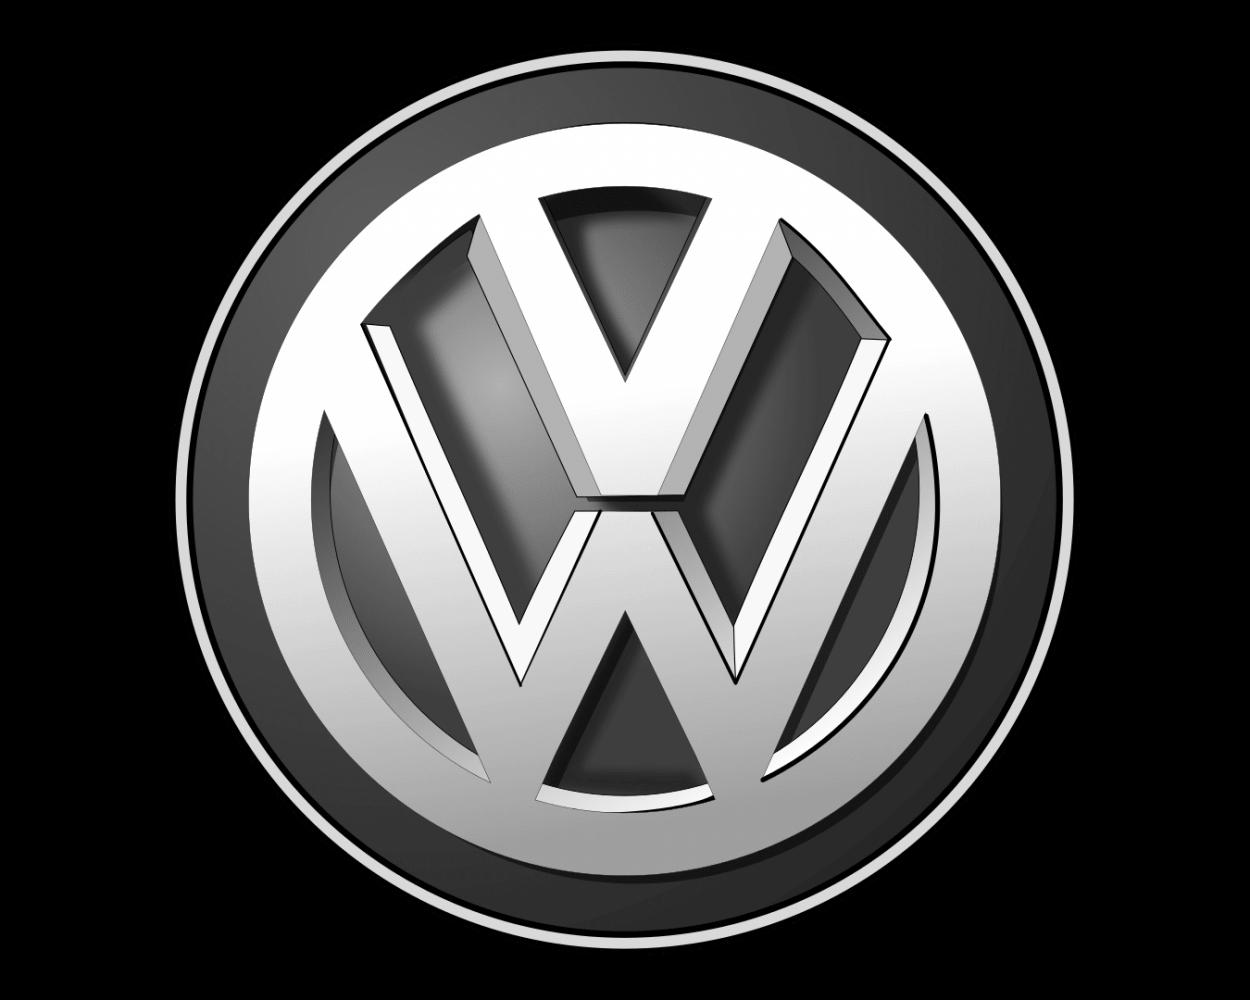 logo vw bw